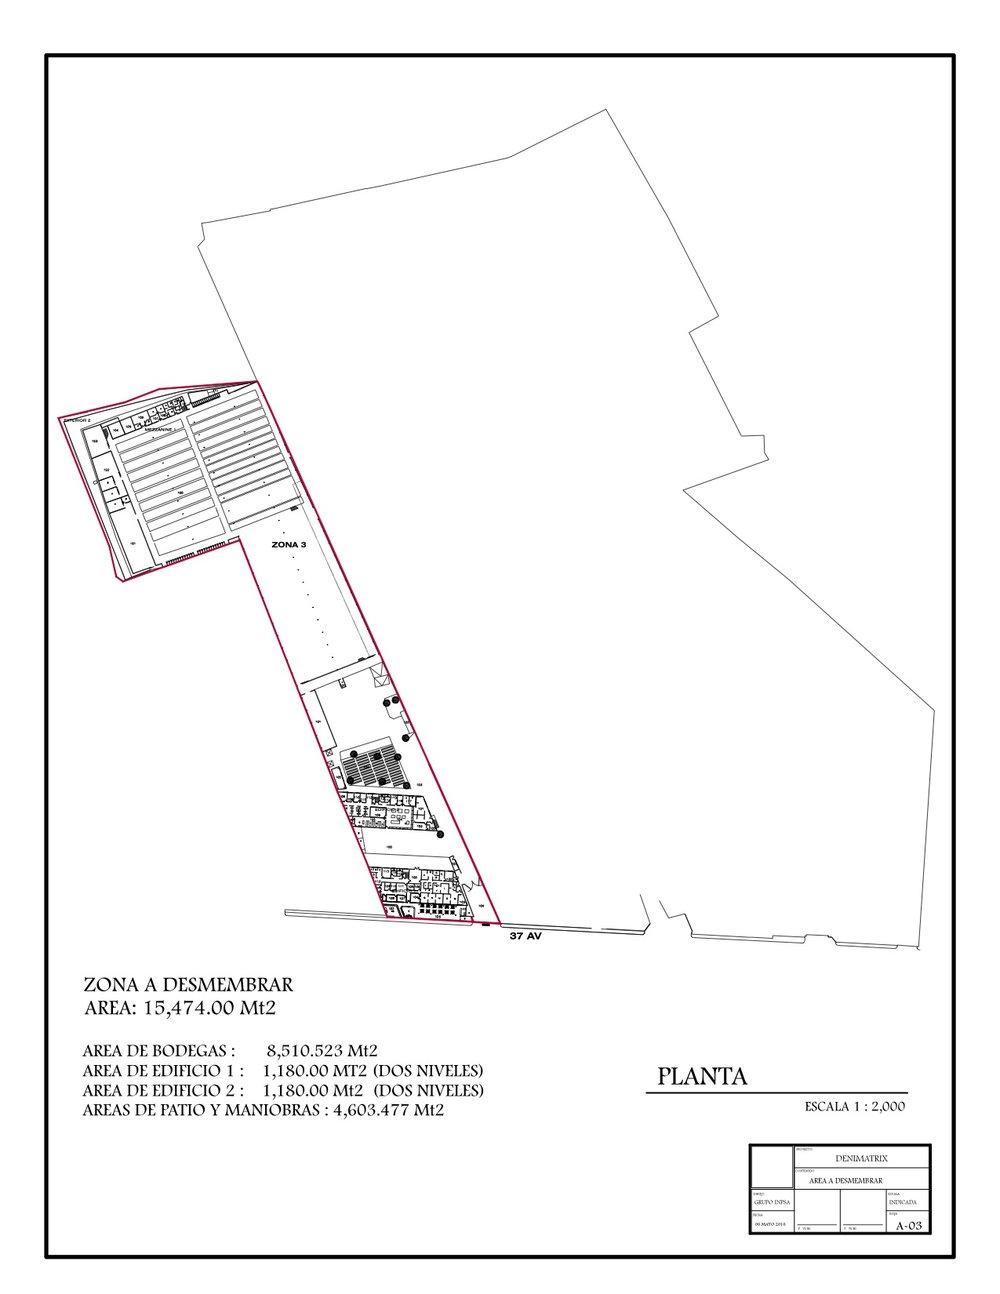 Alquilo propiedad en zona 7. 2 bodegas con área de 8,510.53 m2, 2 Edificios de 2 niveles con área de 1,180 m2 cada uno, y patios de maniobra y parqueos con área de 4,602.48 m2. Precio de renta $2.70+iva por m2. Información a miltonguerra@inpsa.com.gt. **IDEAL MAQUILA** **IDEAL FABRICA**